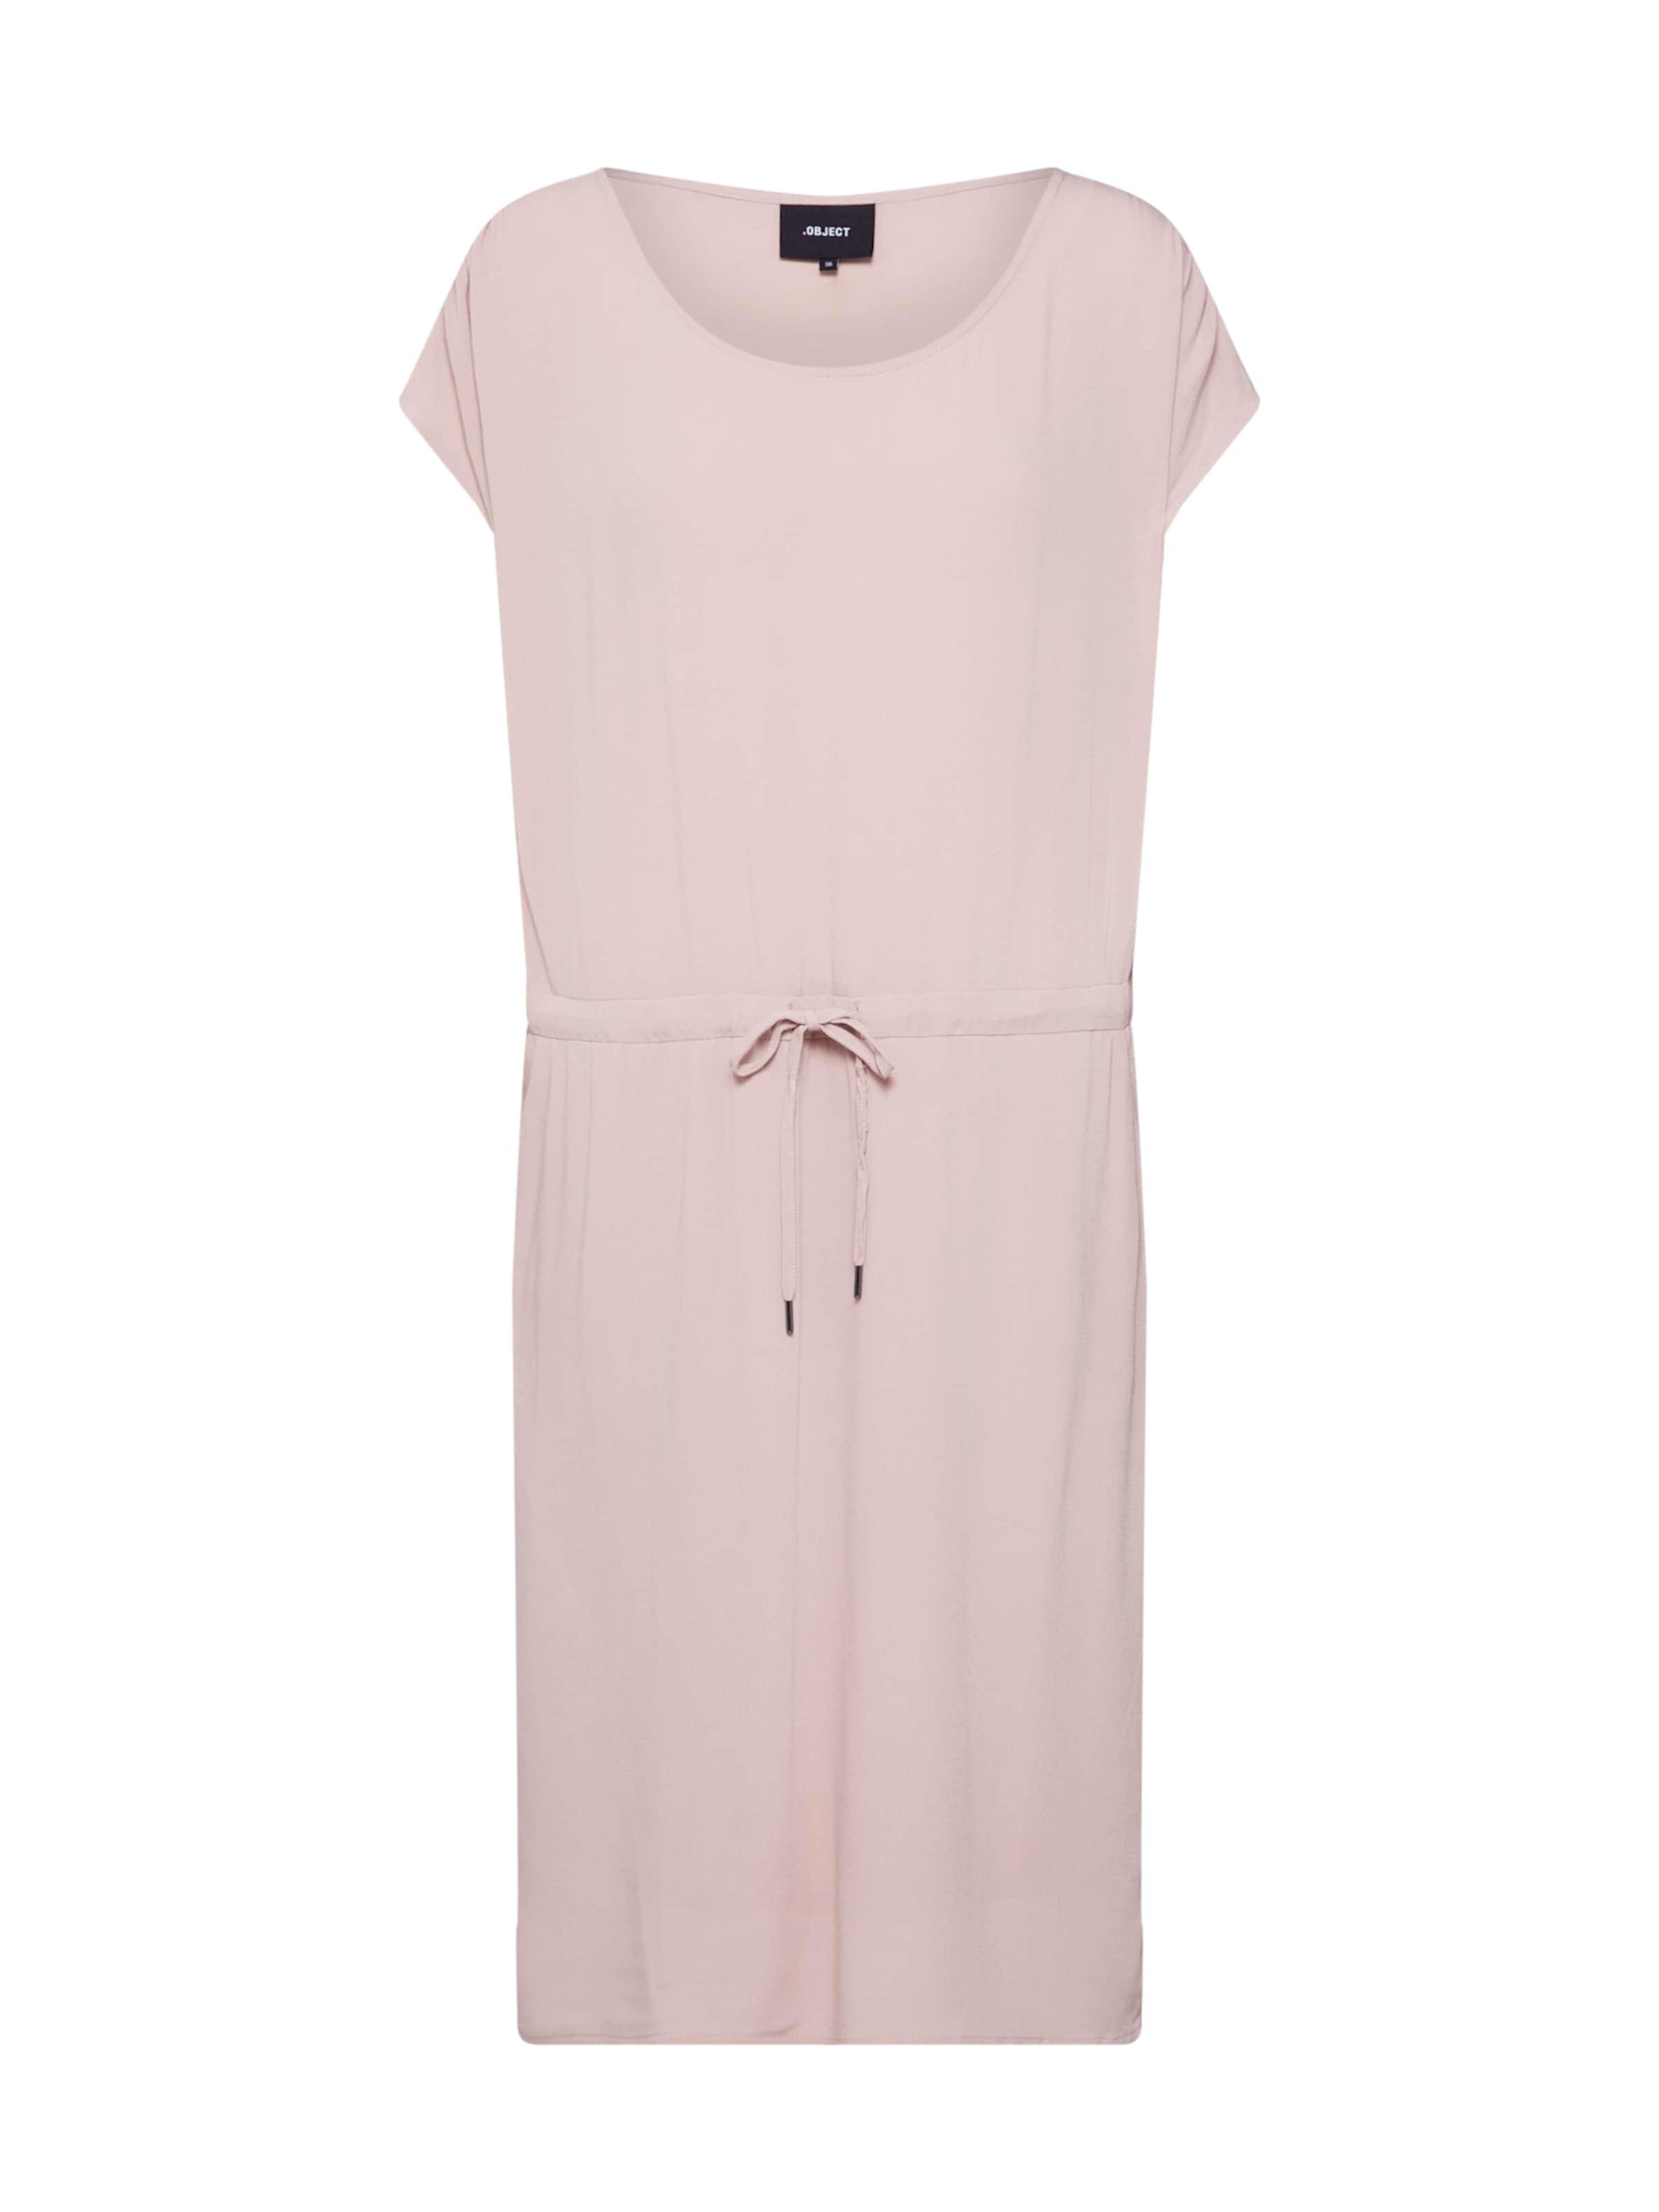 Kleid Rosa 'objbay Dallas' Object In 08nNvmw